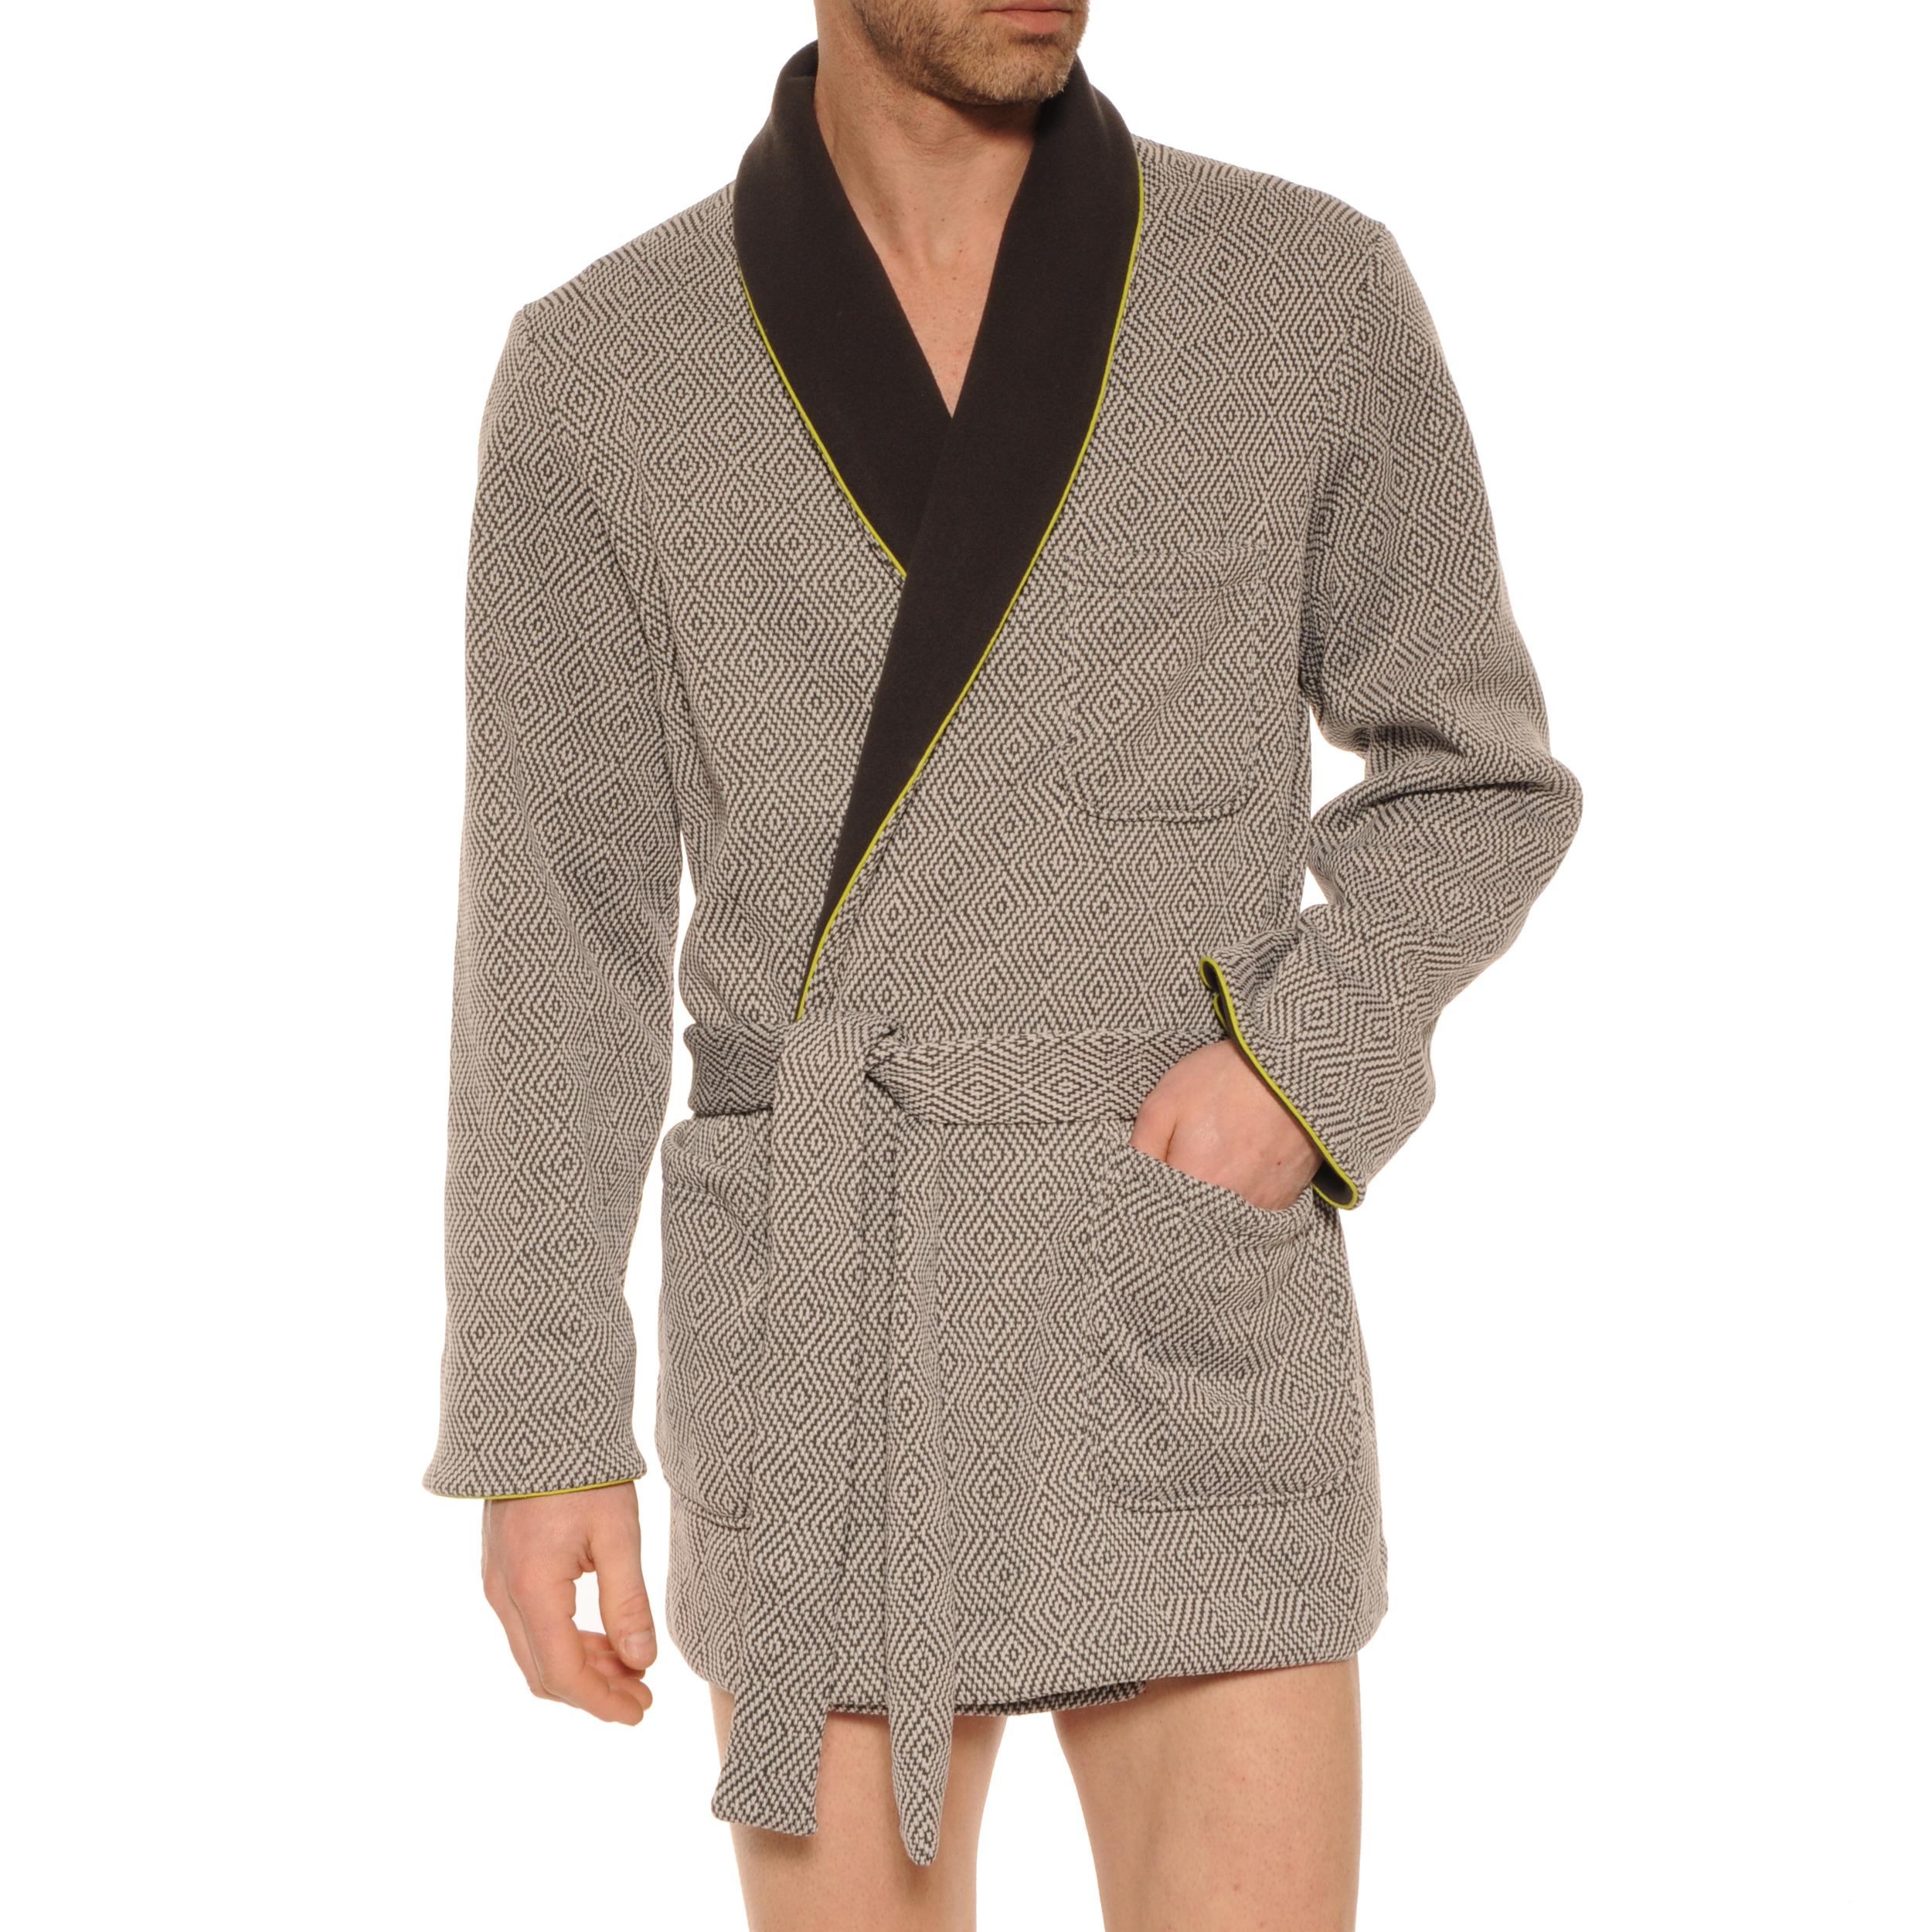 Veste d'intérieur Christian Cane Ken gris à motifs et col châle gris anthracite